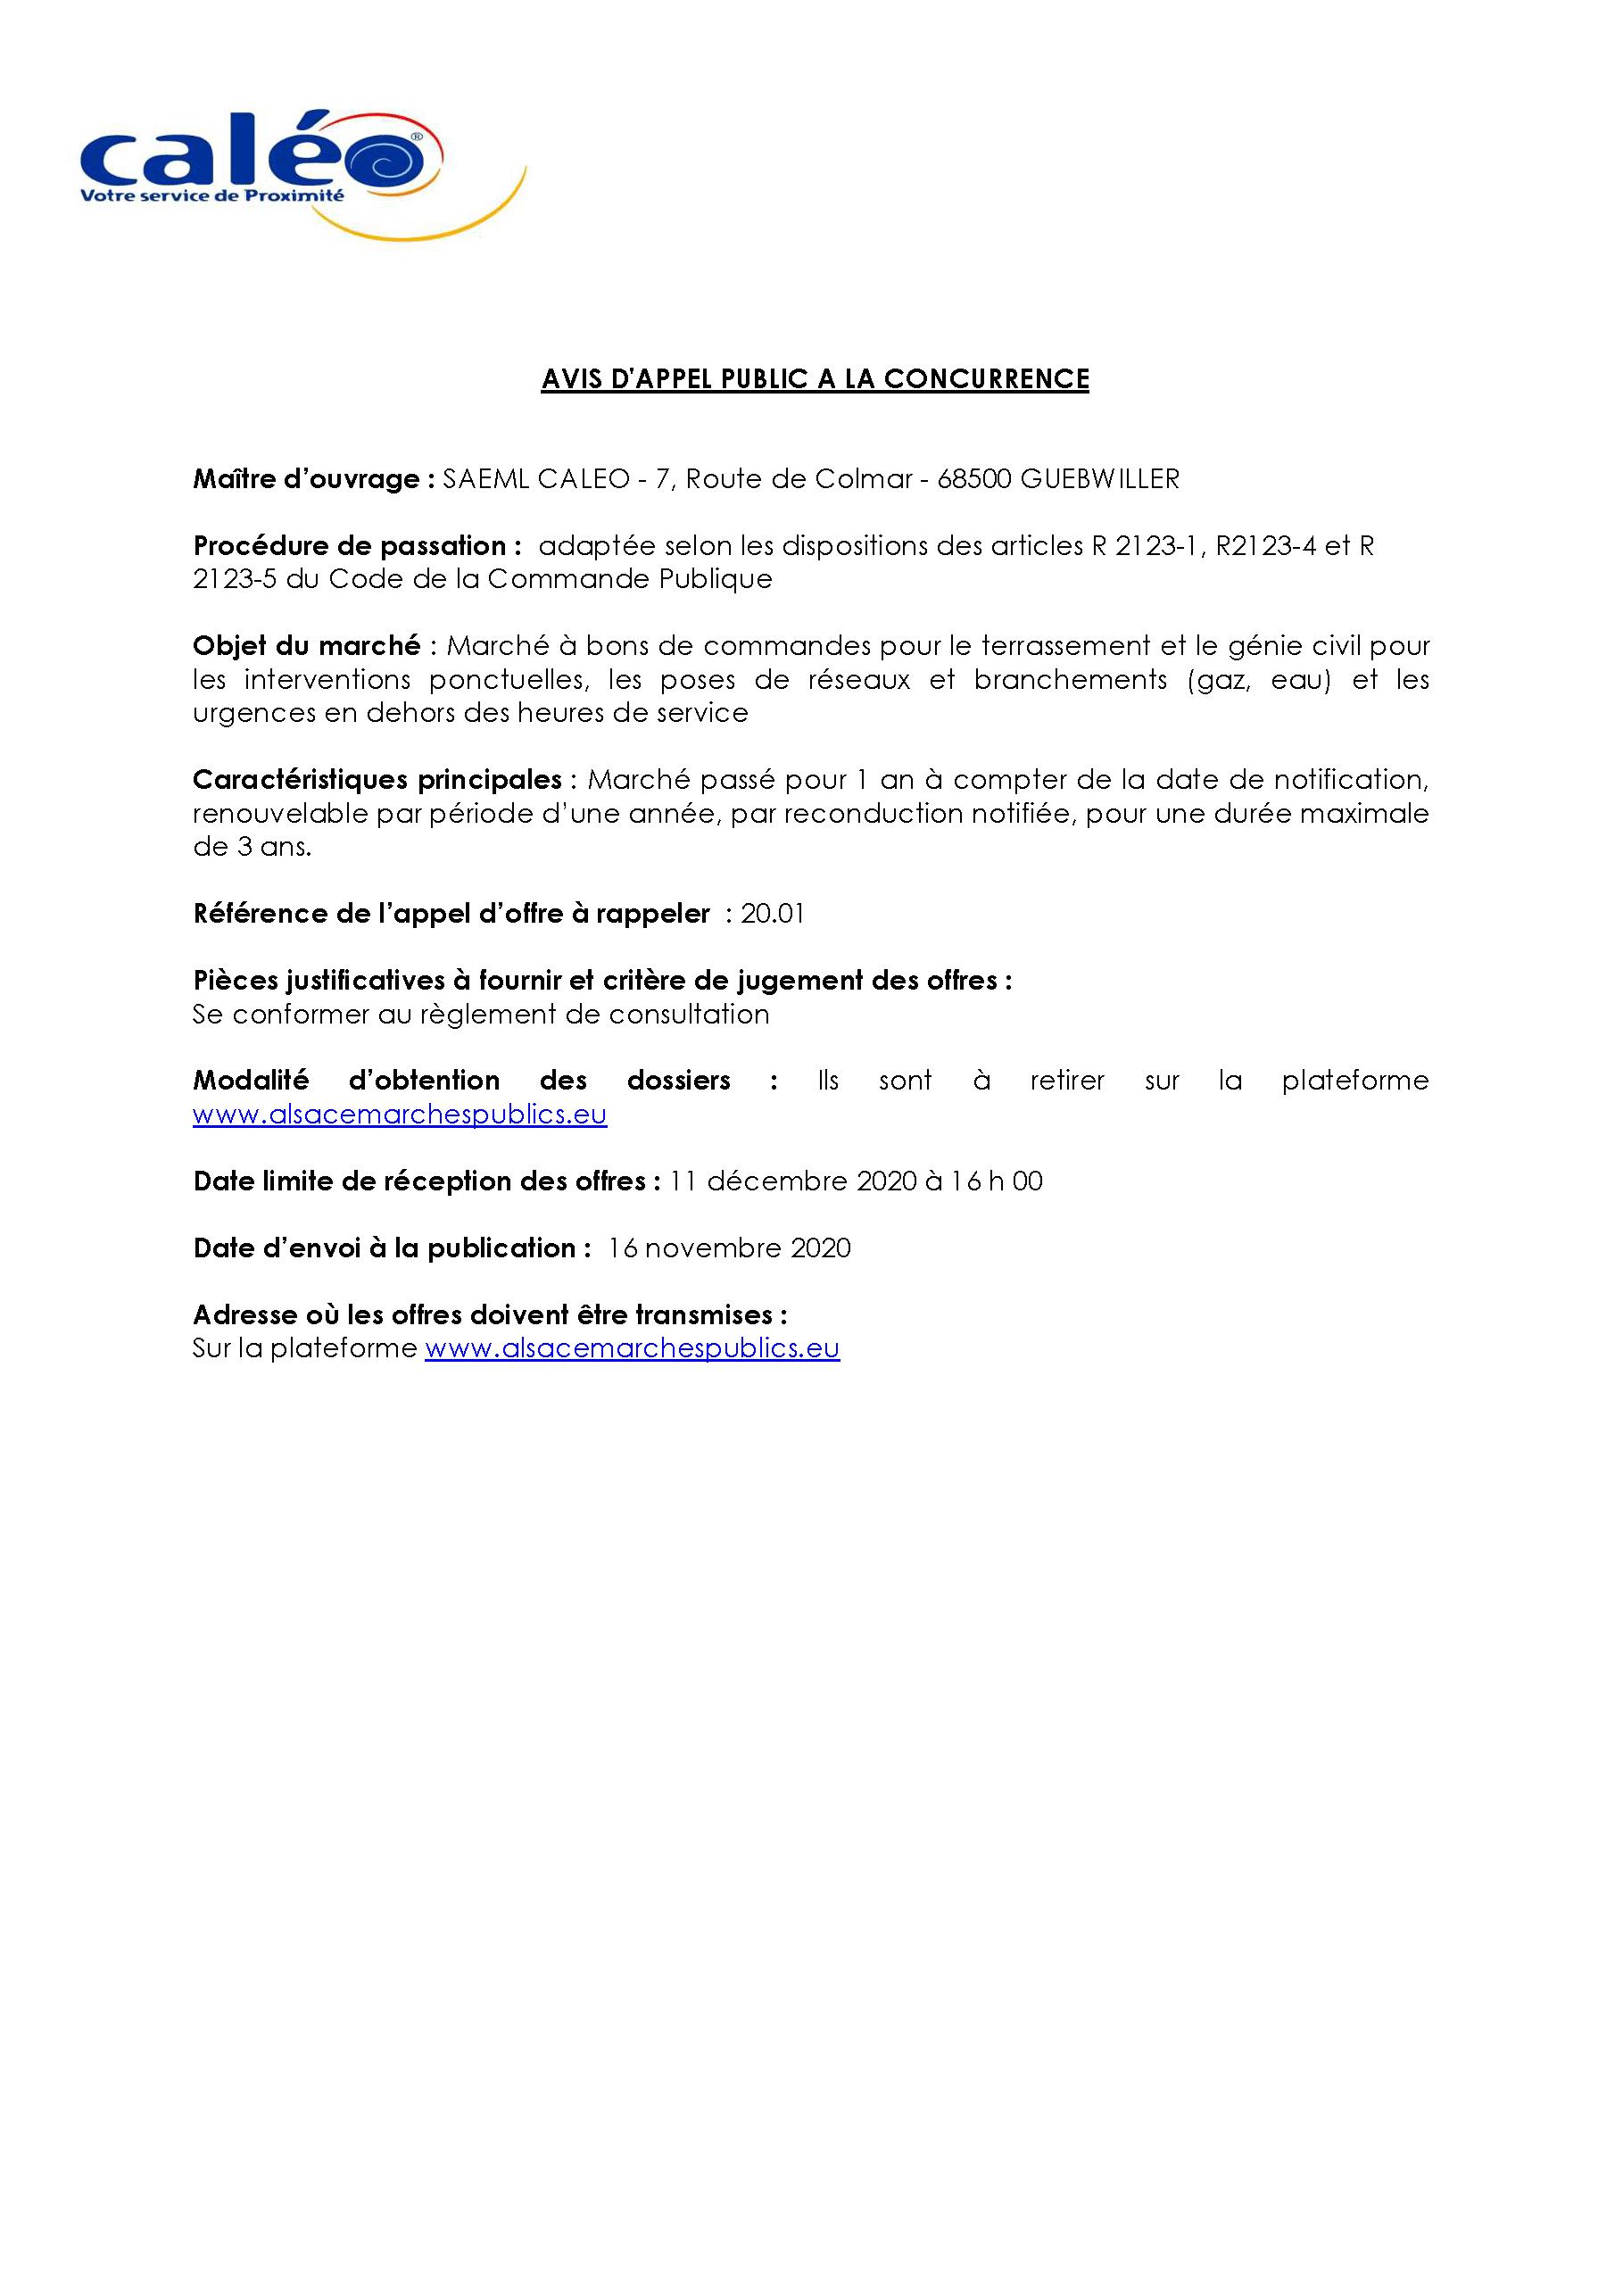 Avis d'appel public à la concurrence